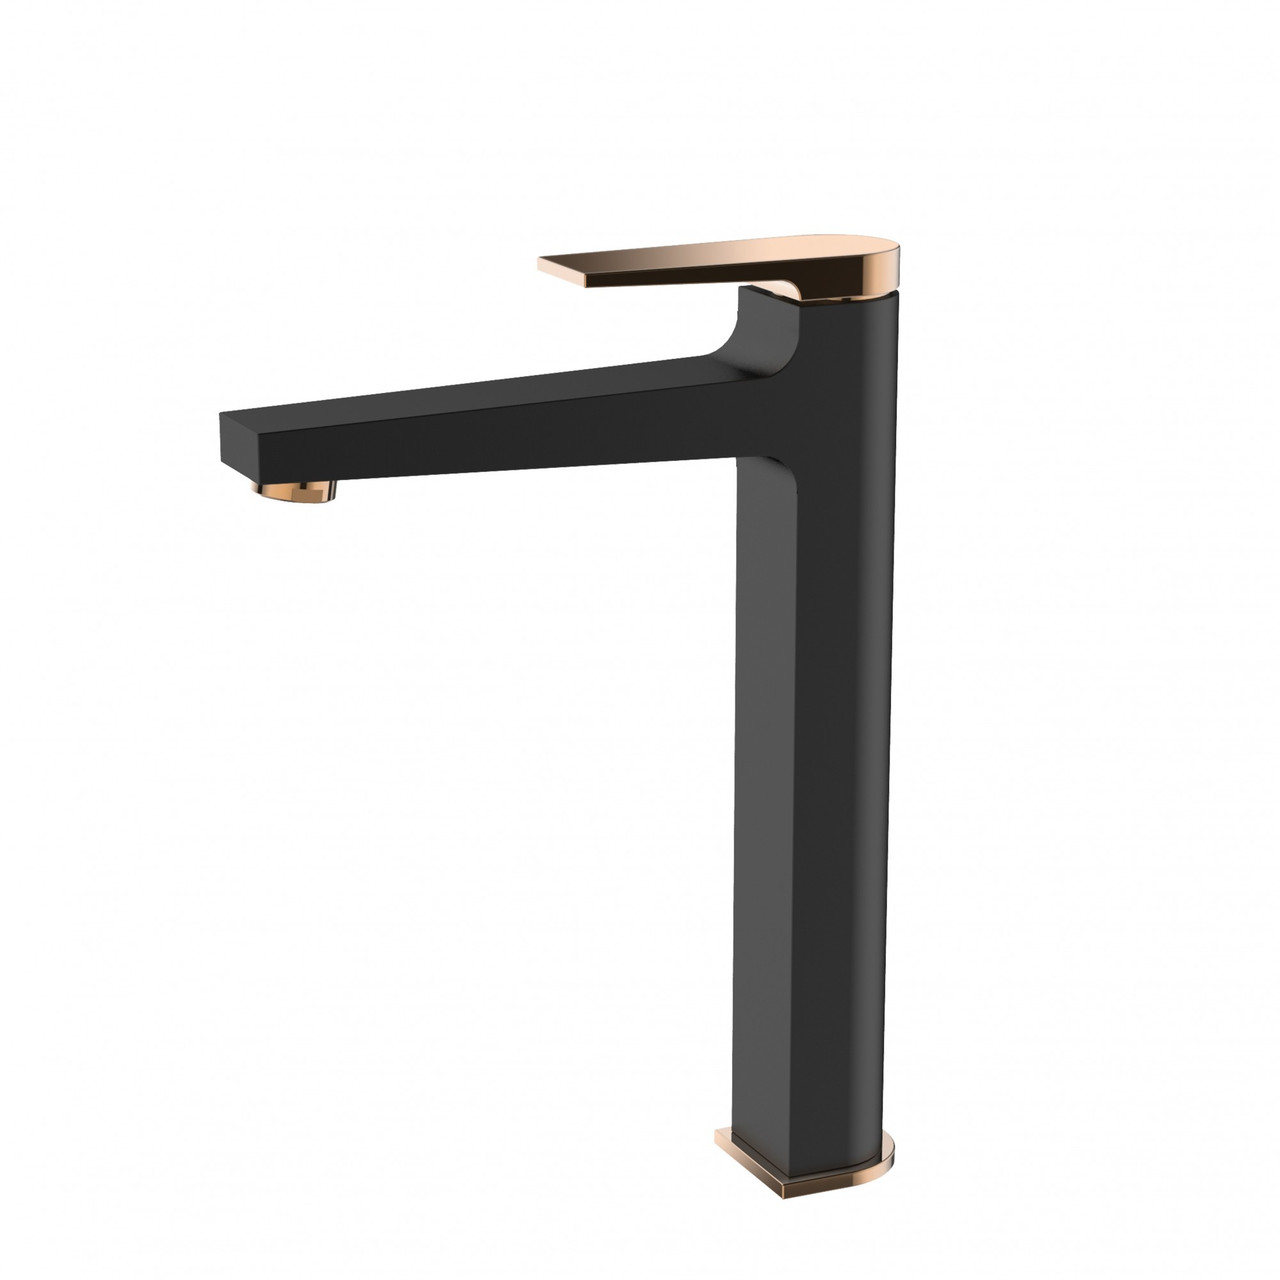 Змішувач для накладної раковини Invena Midnight BU-35-W14 чорний/золотий